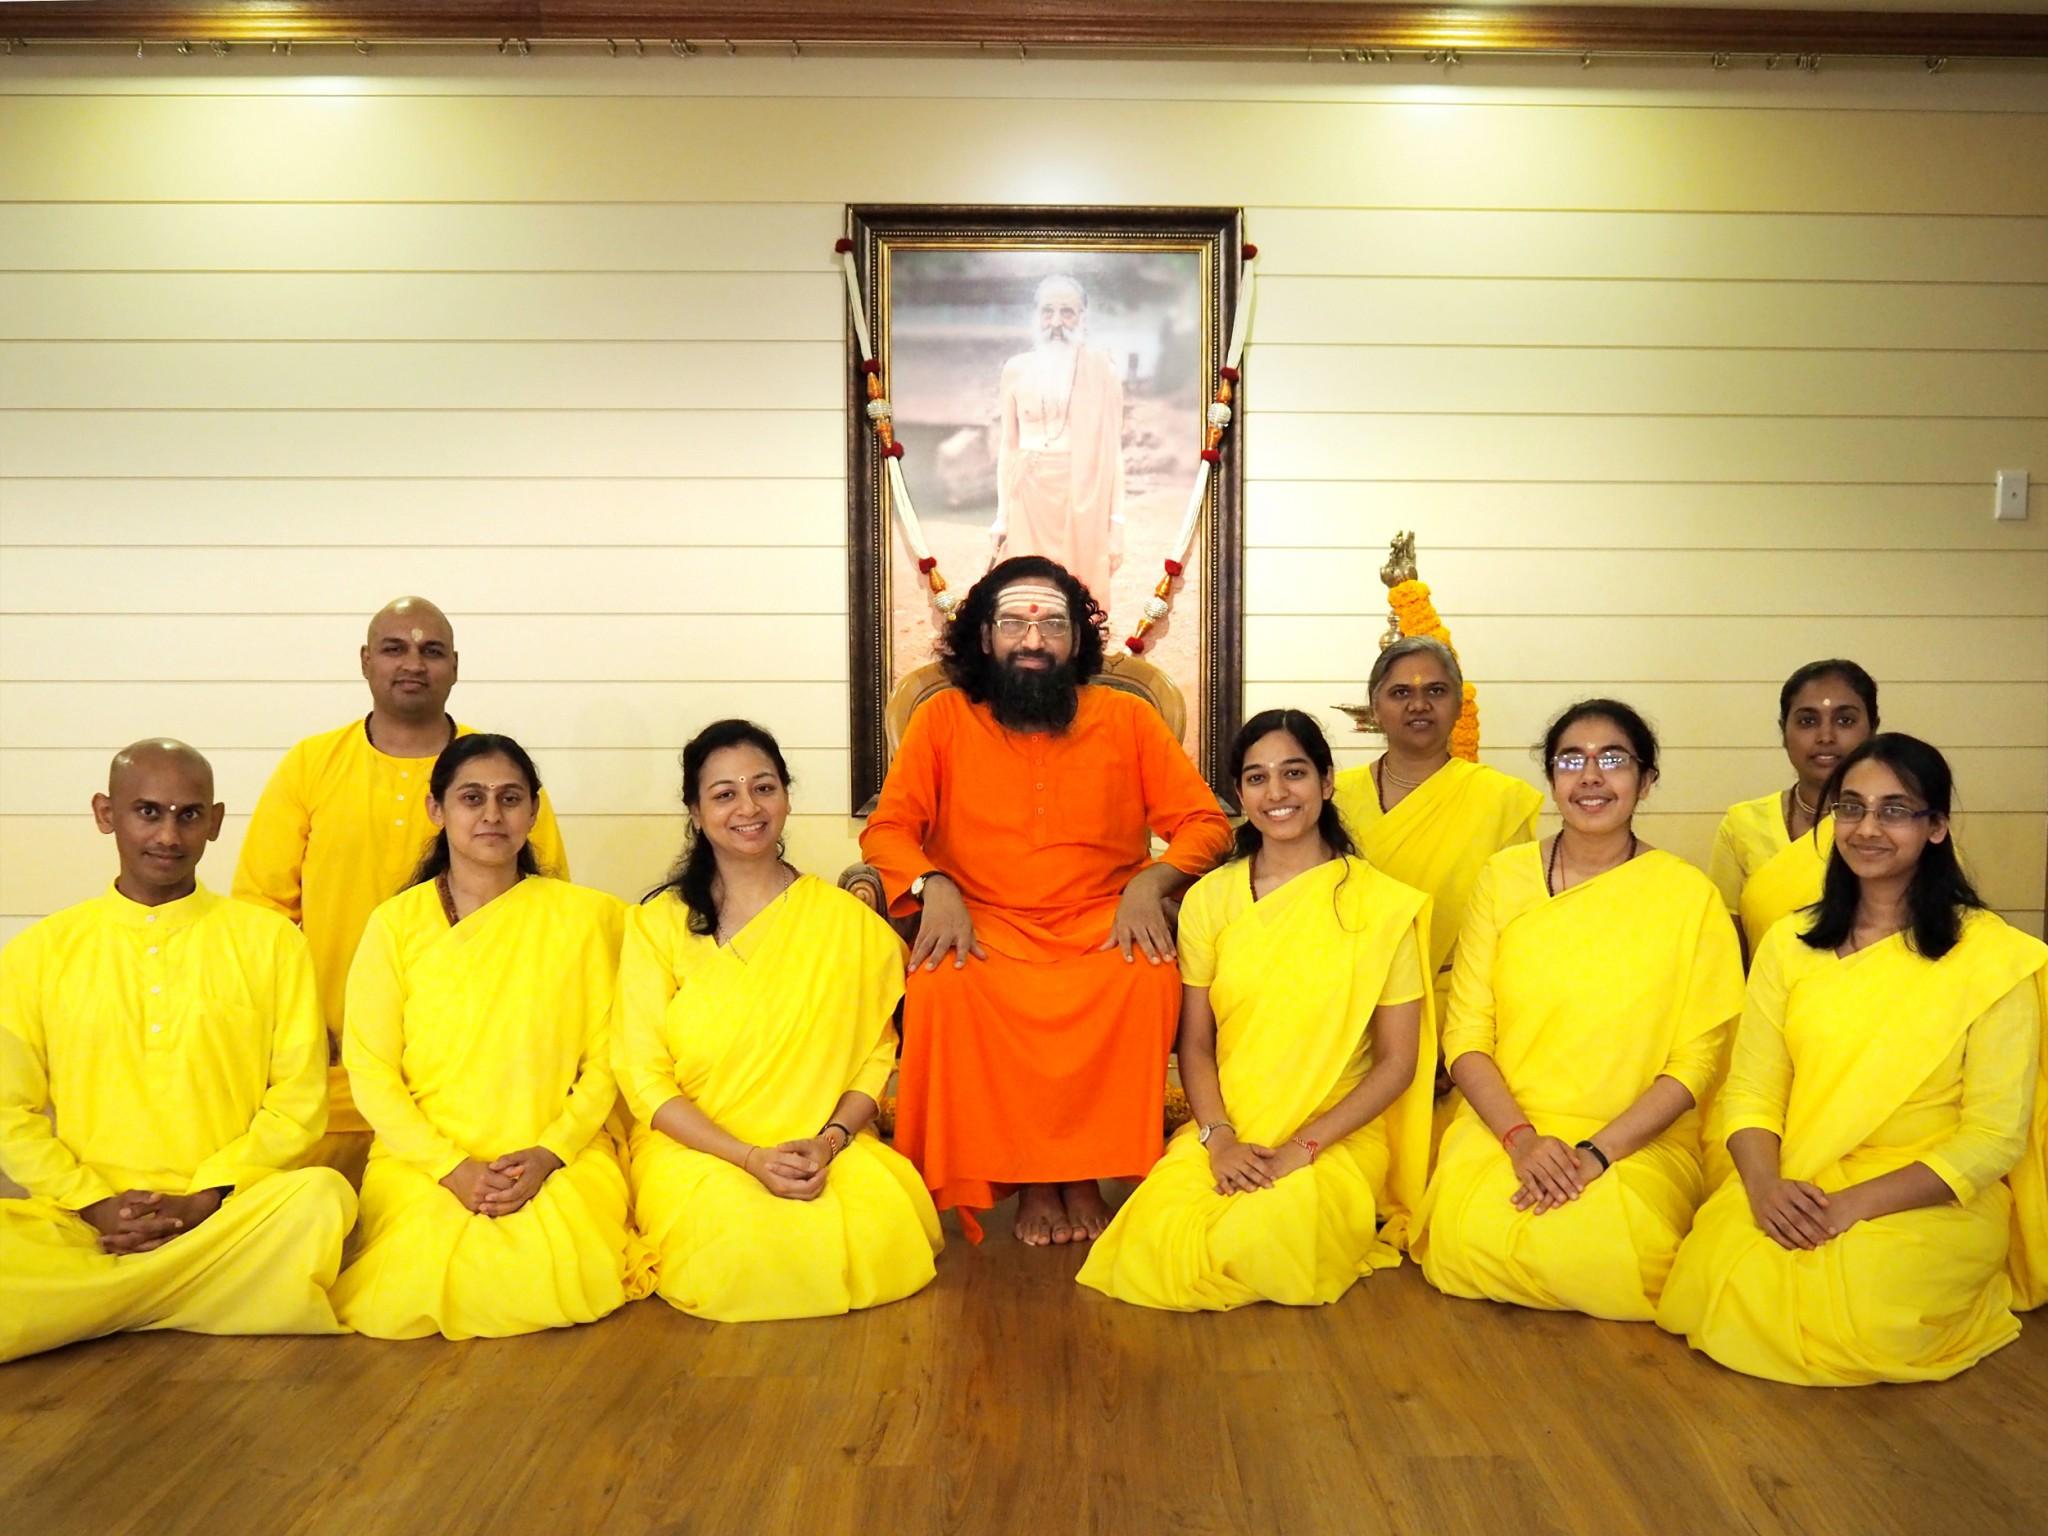 Brahmacharya Deeksha at Durban 1